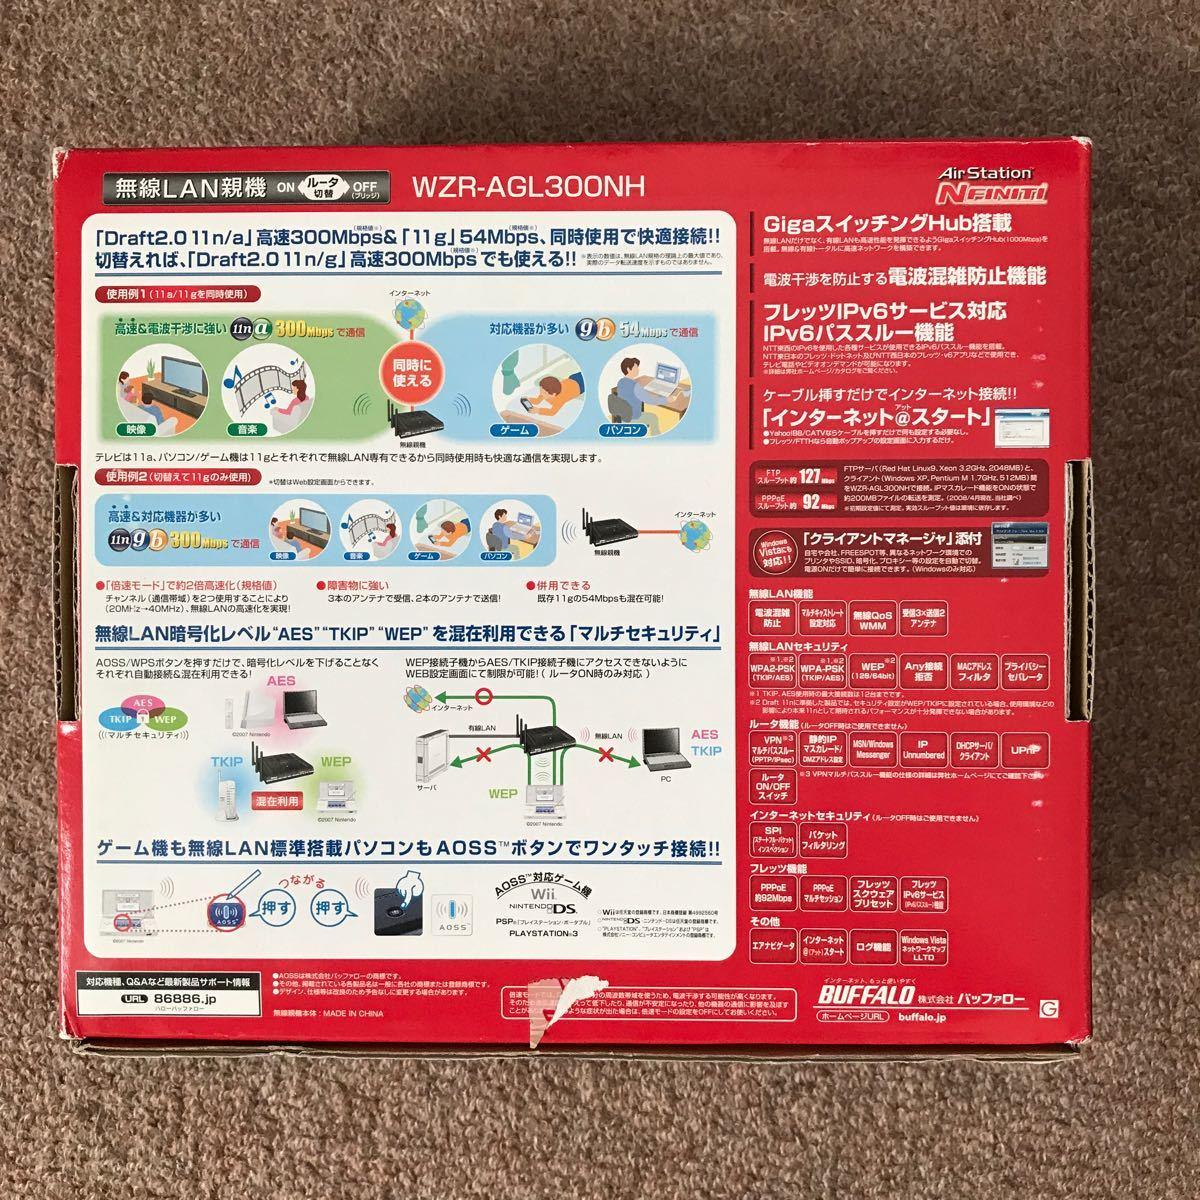 バッファロー 無線LAN親機 AirStation NFINITI Giga WZR-AGL300NH 11n/a . g b